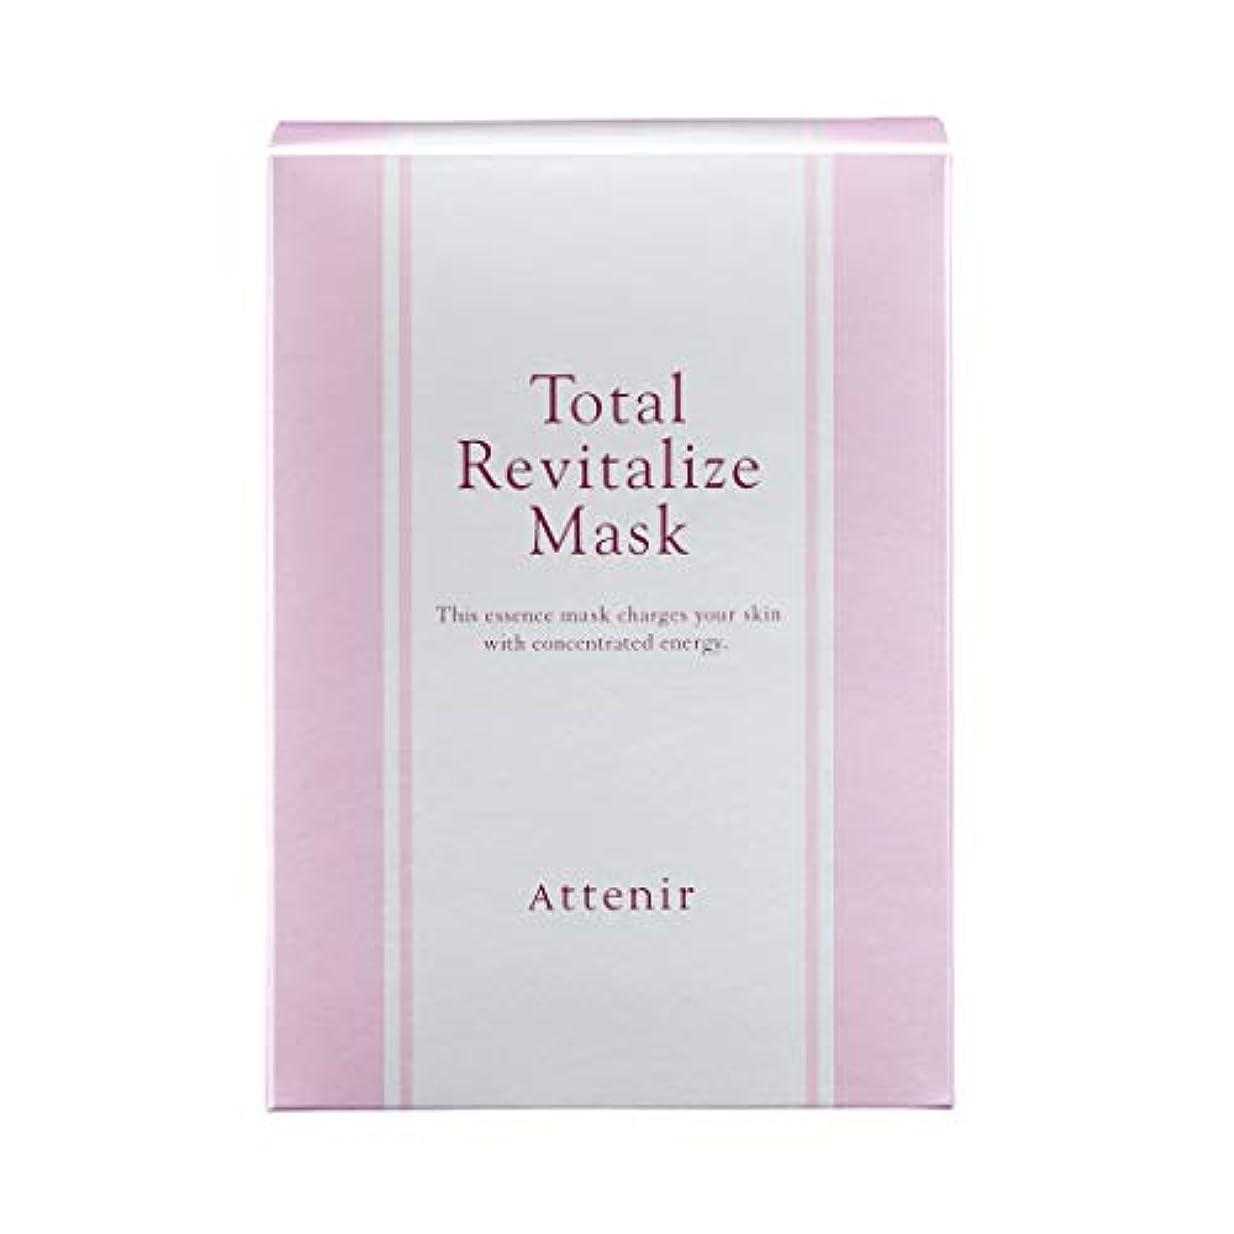 主発揮する凍ったアテニア トータルリヴァイタライズ マスク肌疲労ケアシートマスク 全顔用 6包入り フェイスパック